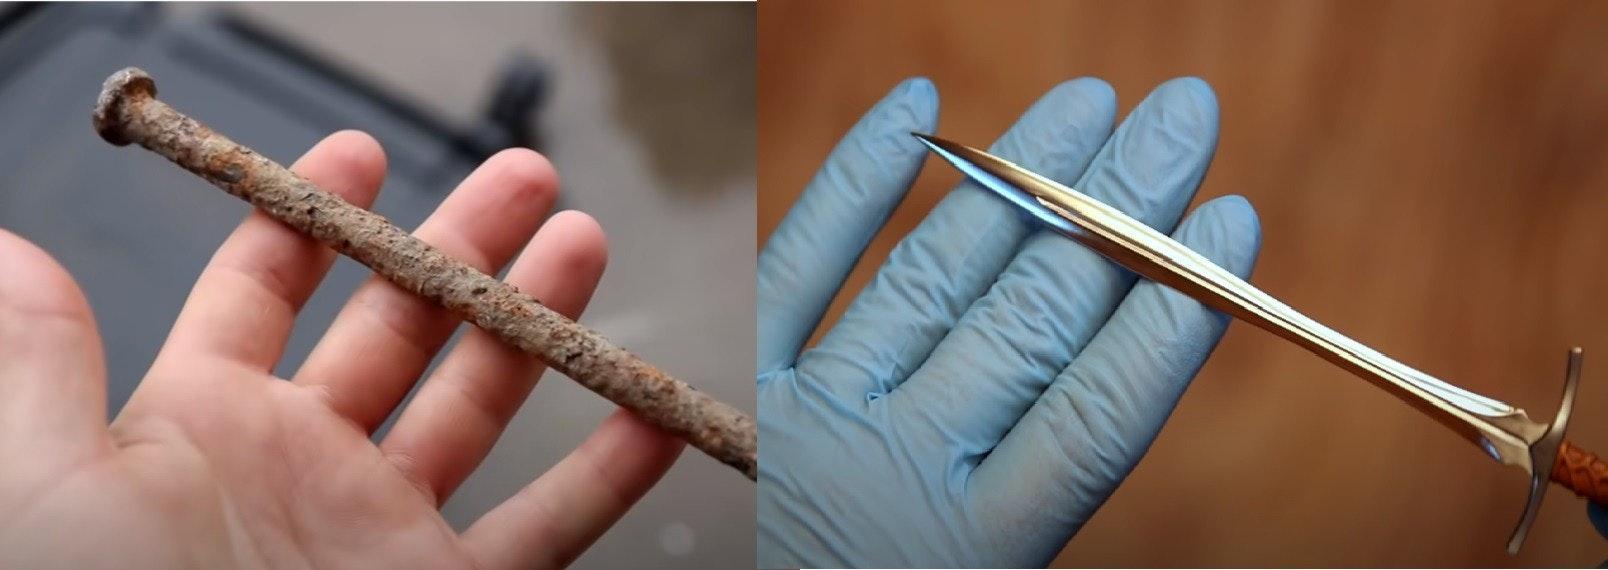 照片中包含了釘、切紙刀、生鏽的釘子、生鏽的釘子、長劍